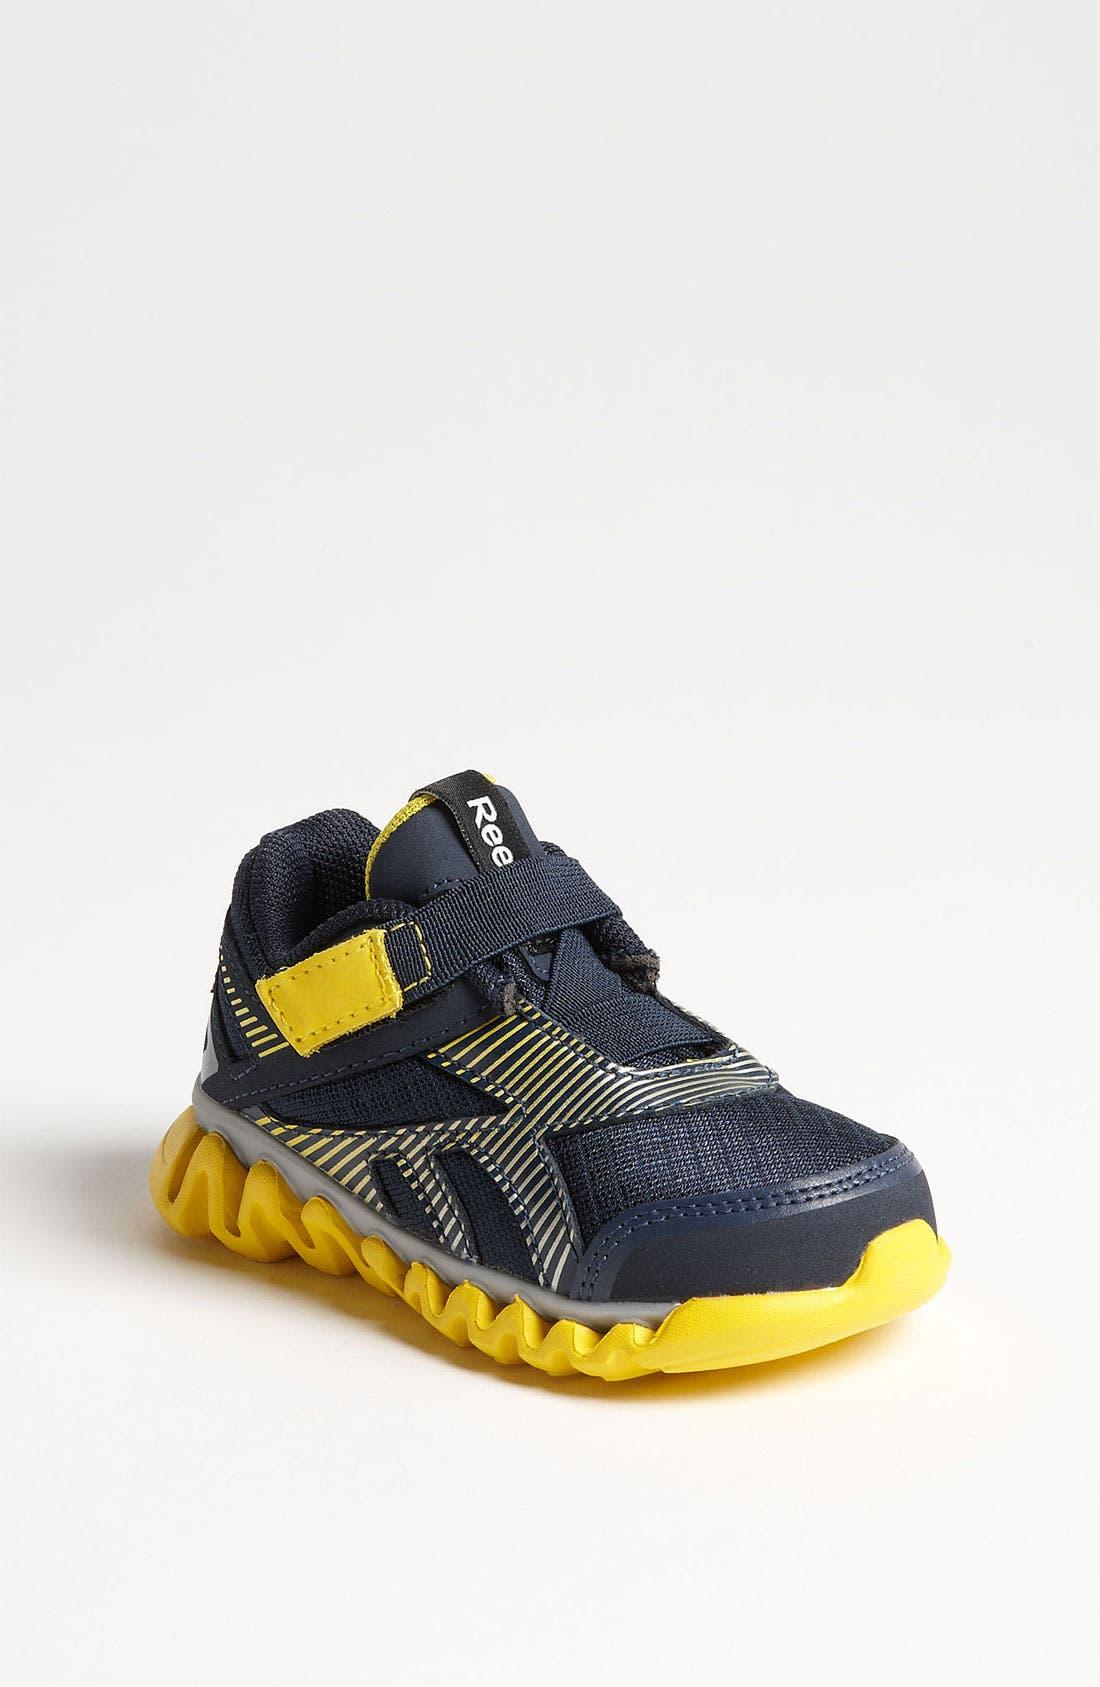 Main Image - Reebok 'ZigLite Electrify' Sneaker (Baby, Walker & Toddler)